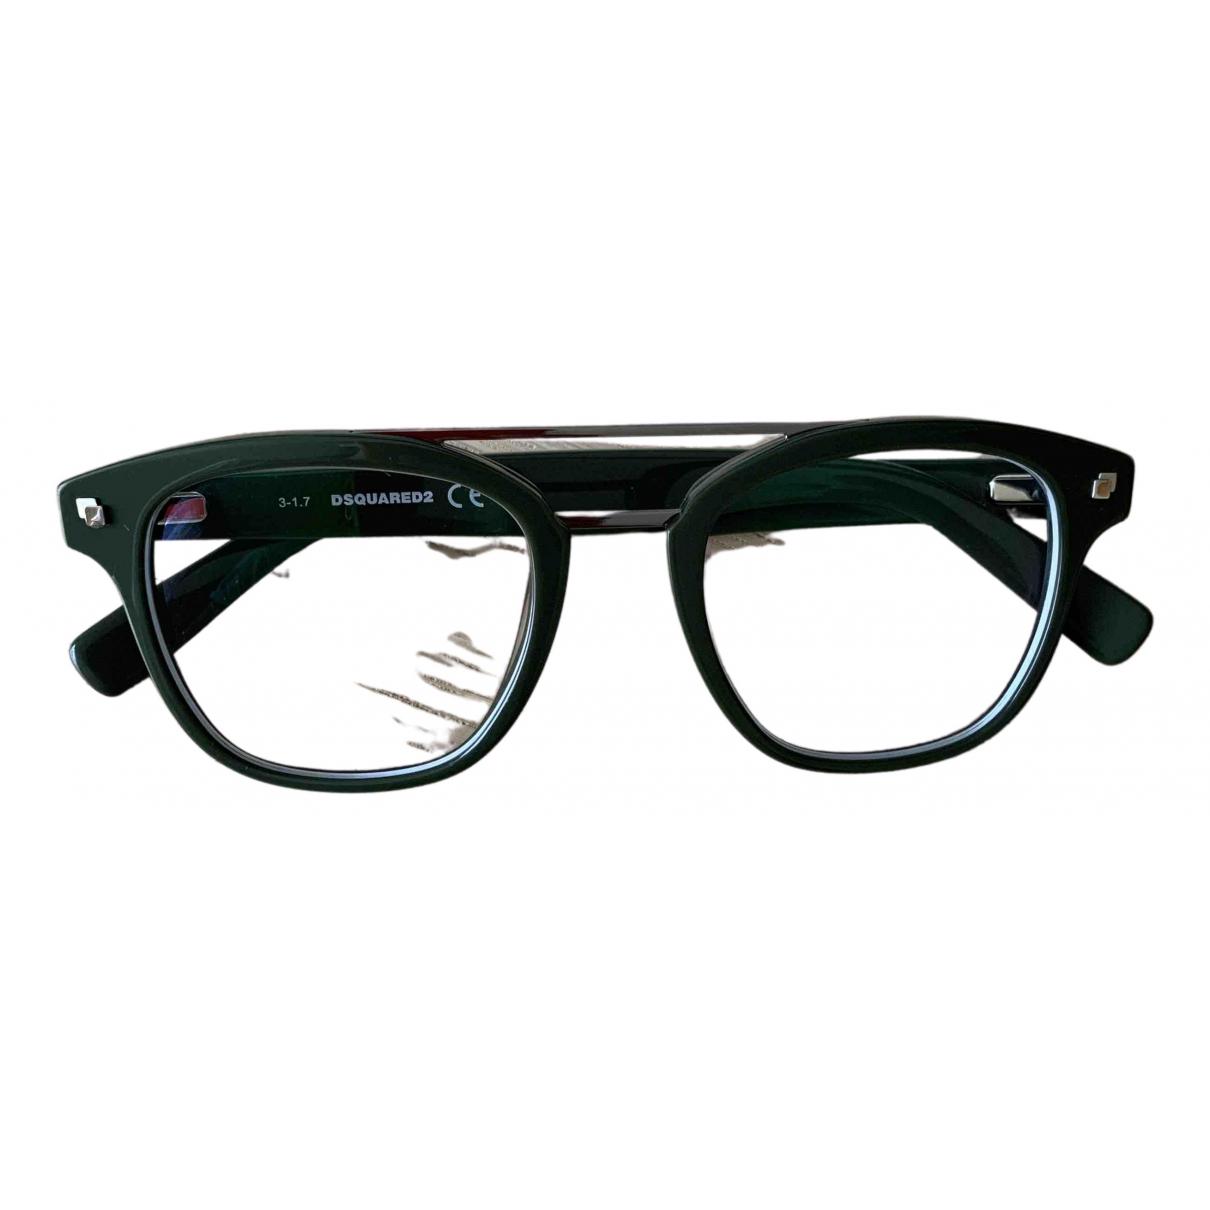 Dsquared2 N Green Sunglasses for Men N